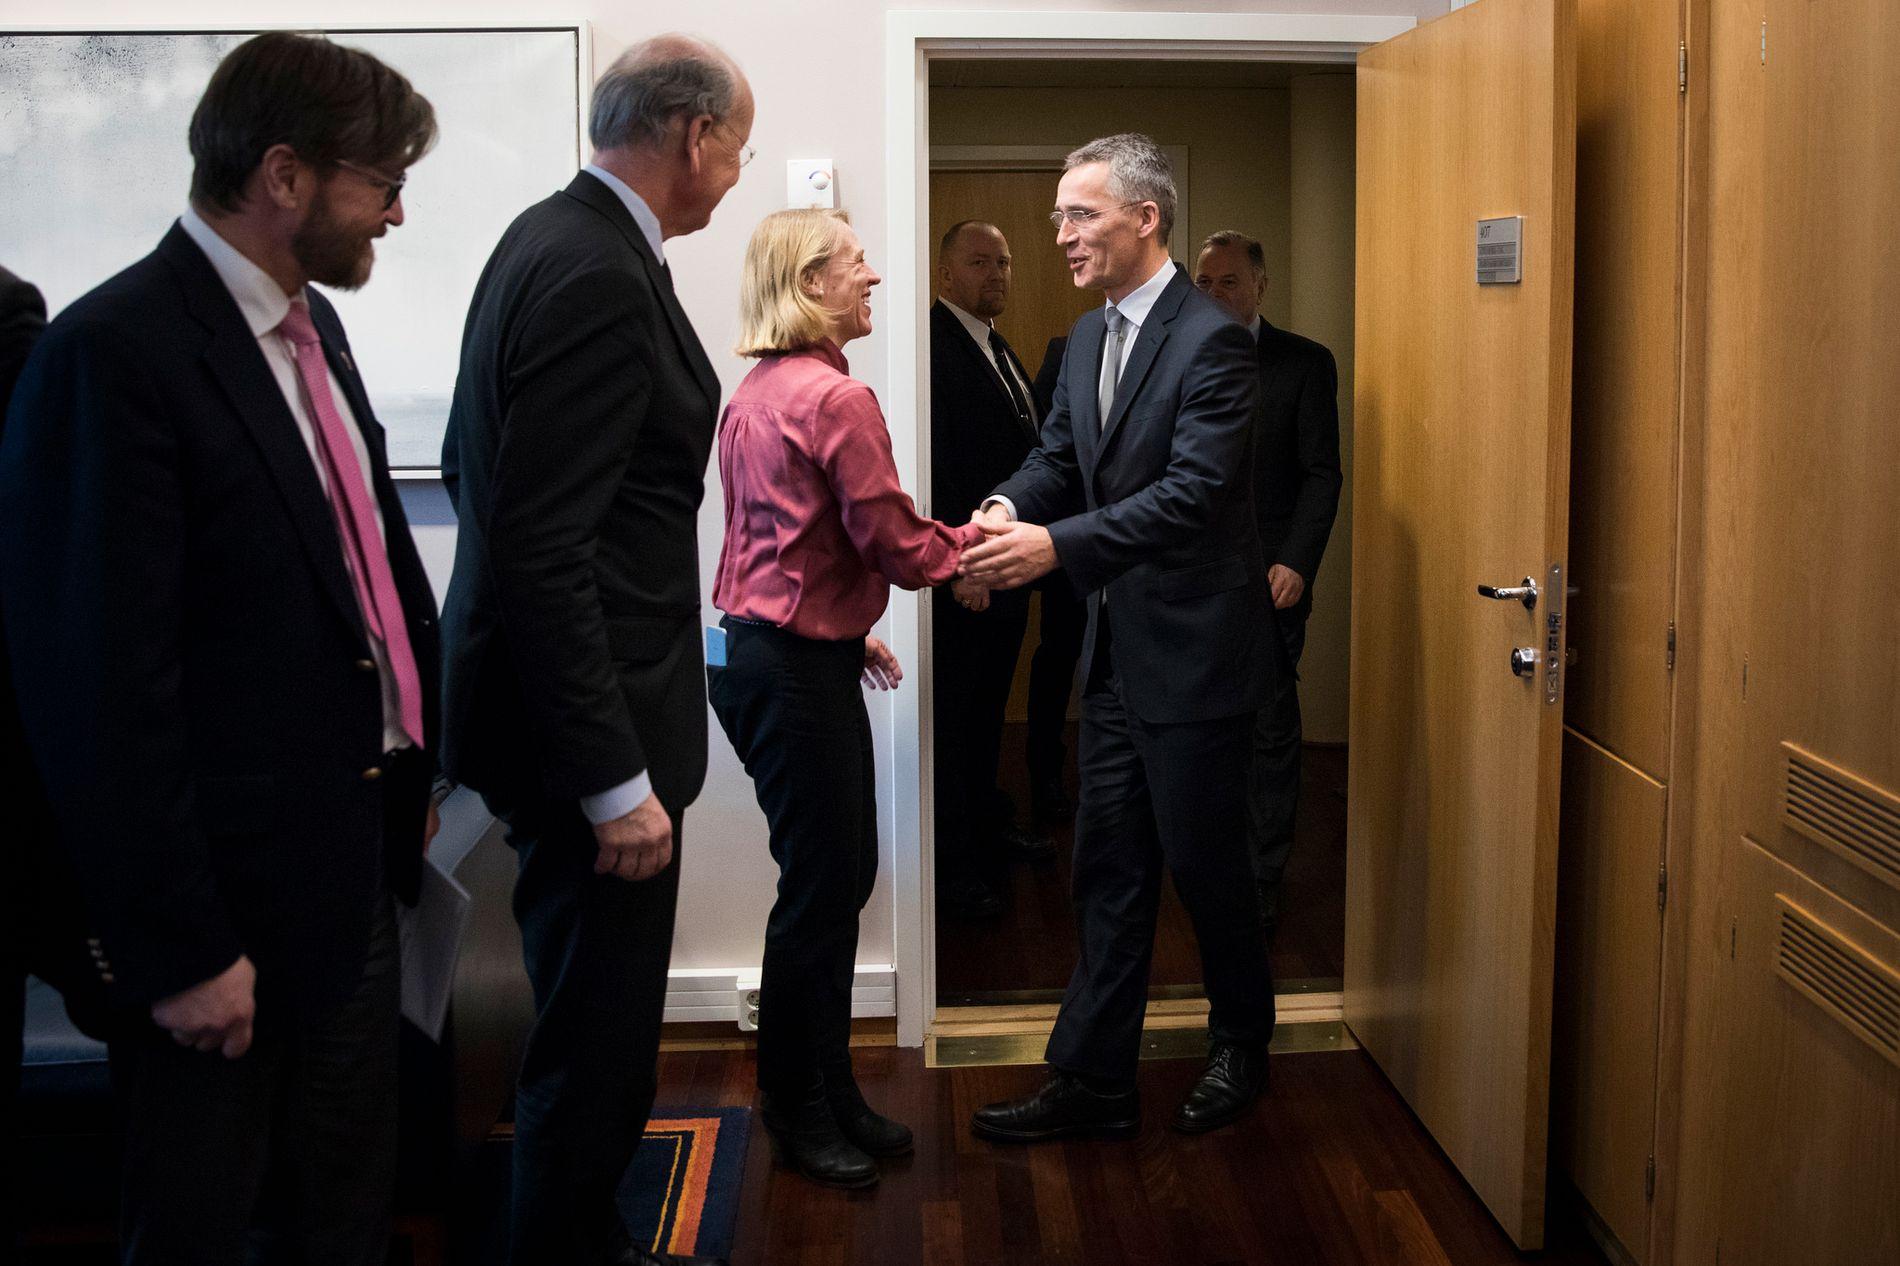 HJERTELIG HÅNDTRYKK: Anniken Huitfeldt tok imot Jens Stoltenberg da han var på offisielt besøk til Stortinget som Natos generalsekretær i februar i år. Til venstre for Huitfeldt står komitemedlemmene Christian Tybring-Gjedde (Frp) og Michael Tetzschner (H).